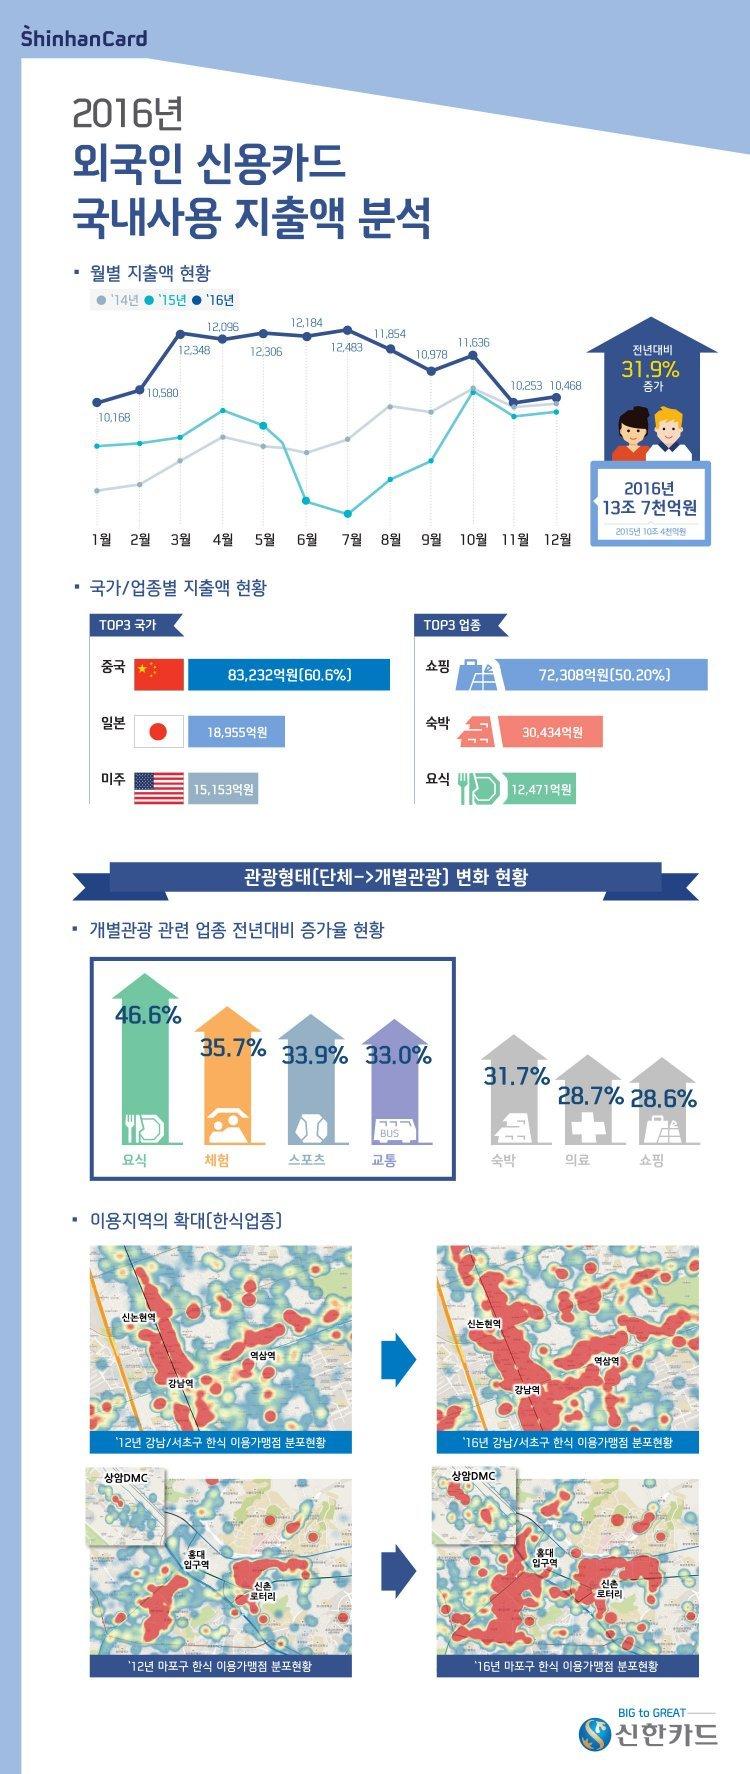 외국인 한국서 신용카드로 13조7000억 원 지출…중국인 60%